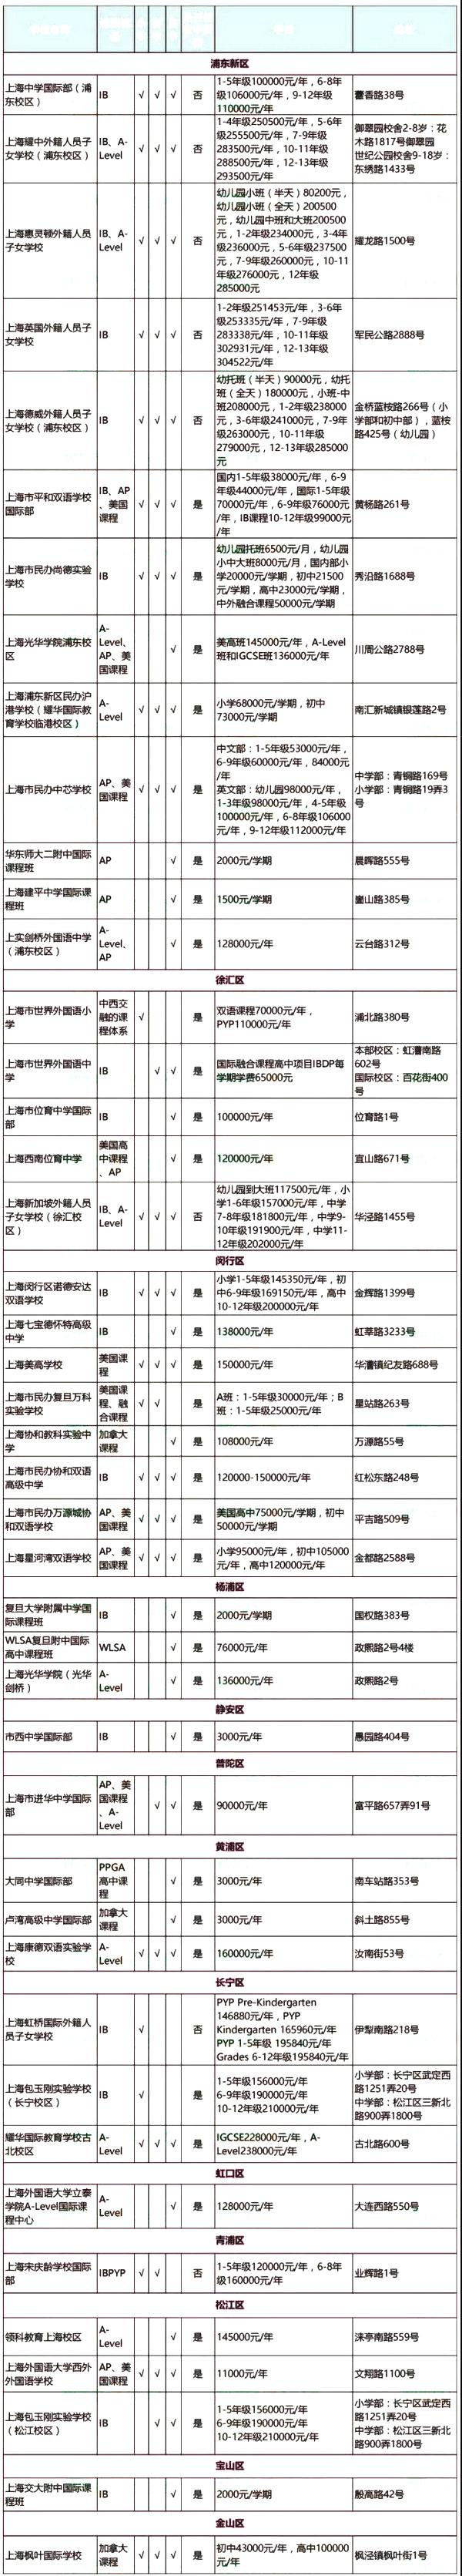 2019年上海双语国际学校各区域一览表